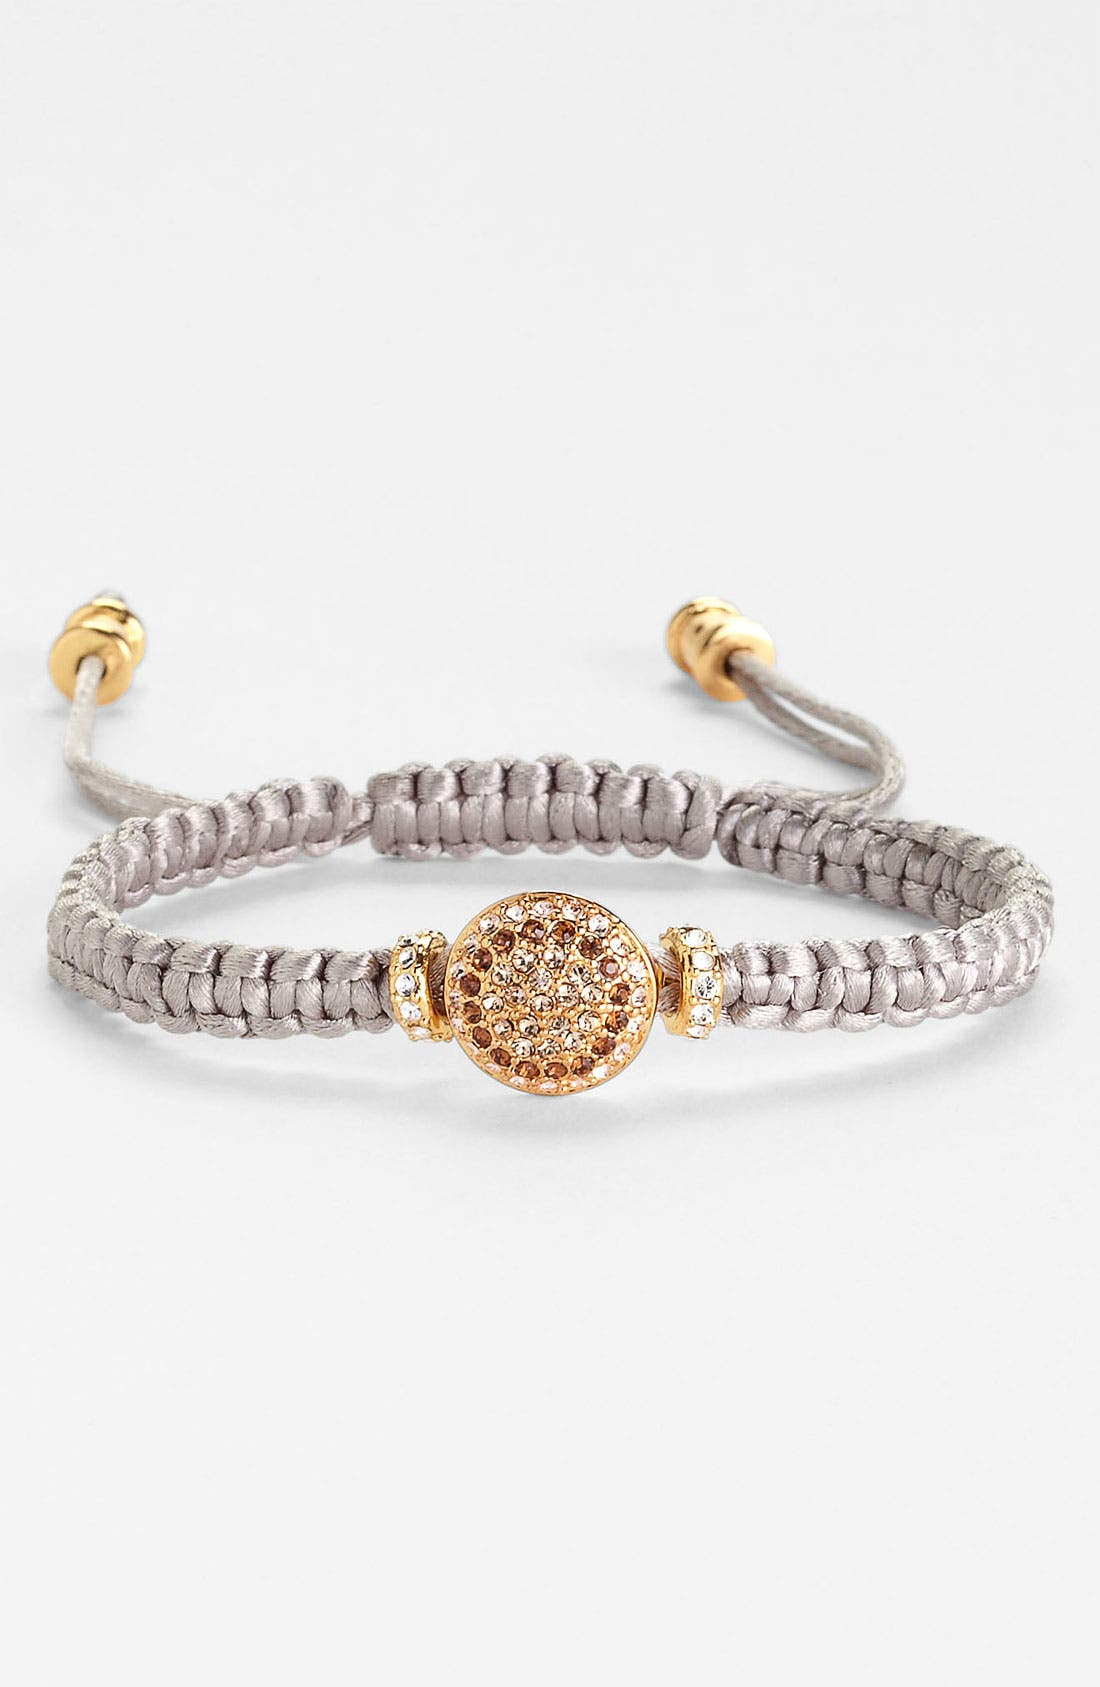 Alternate Image 1 Selected - Vince Camuto Macramé Bracelet